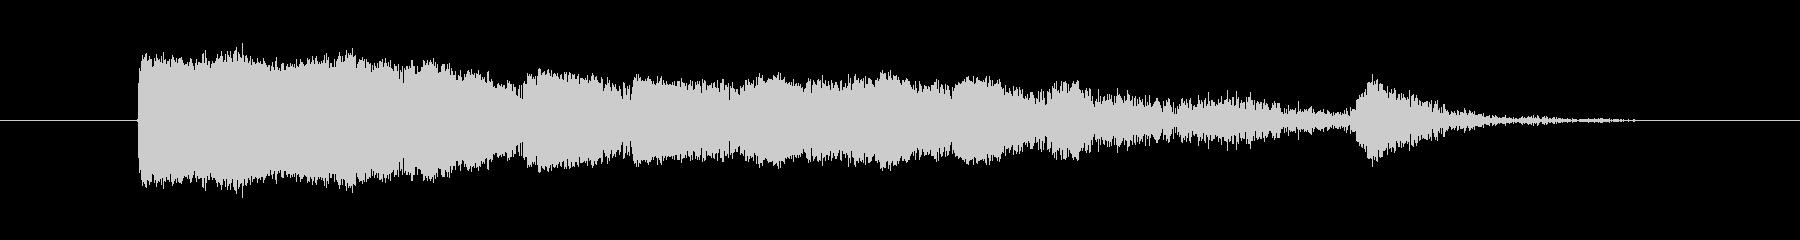 スモールメタルクラッシュ、ガベージ...の未再生の波形